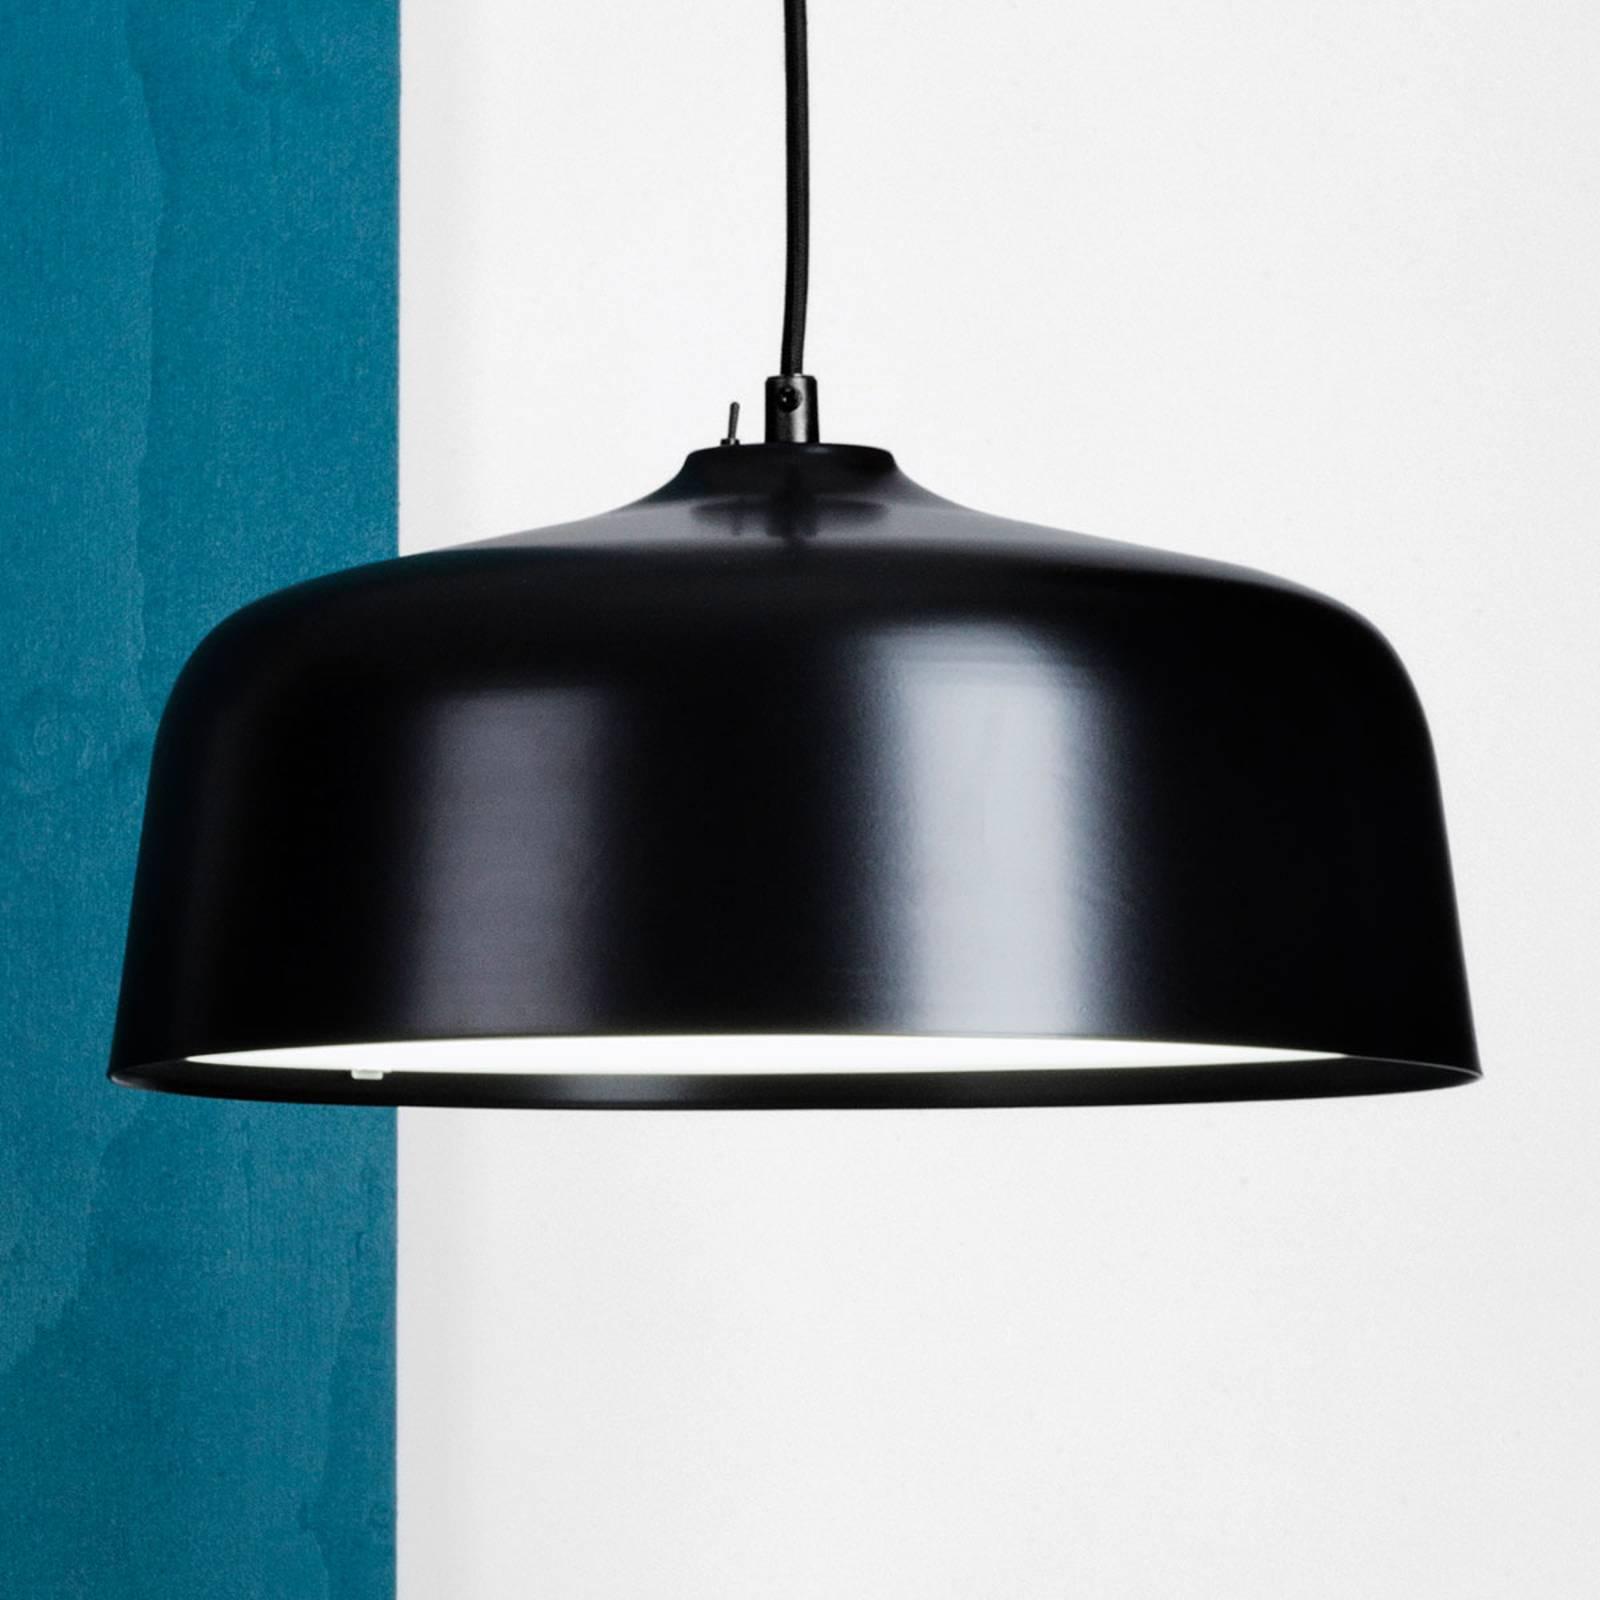 Innolux Candeo therapielicht-hanglamp zwart